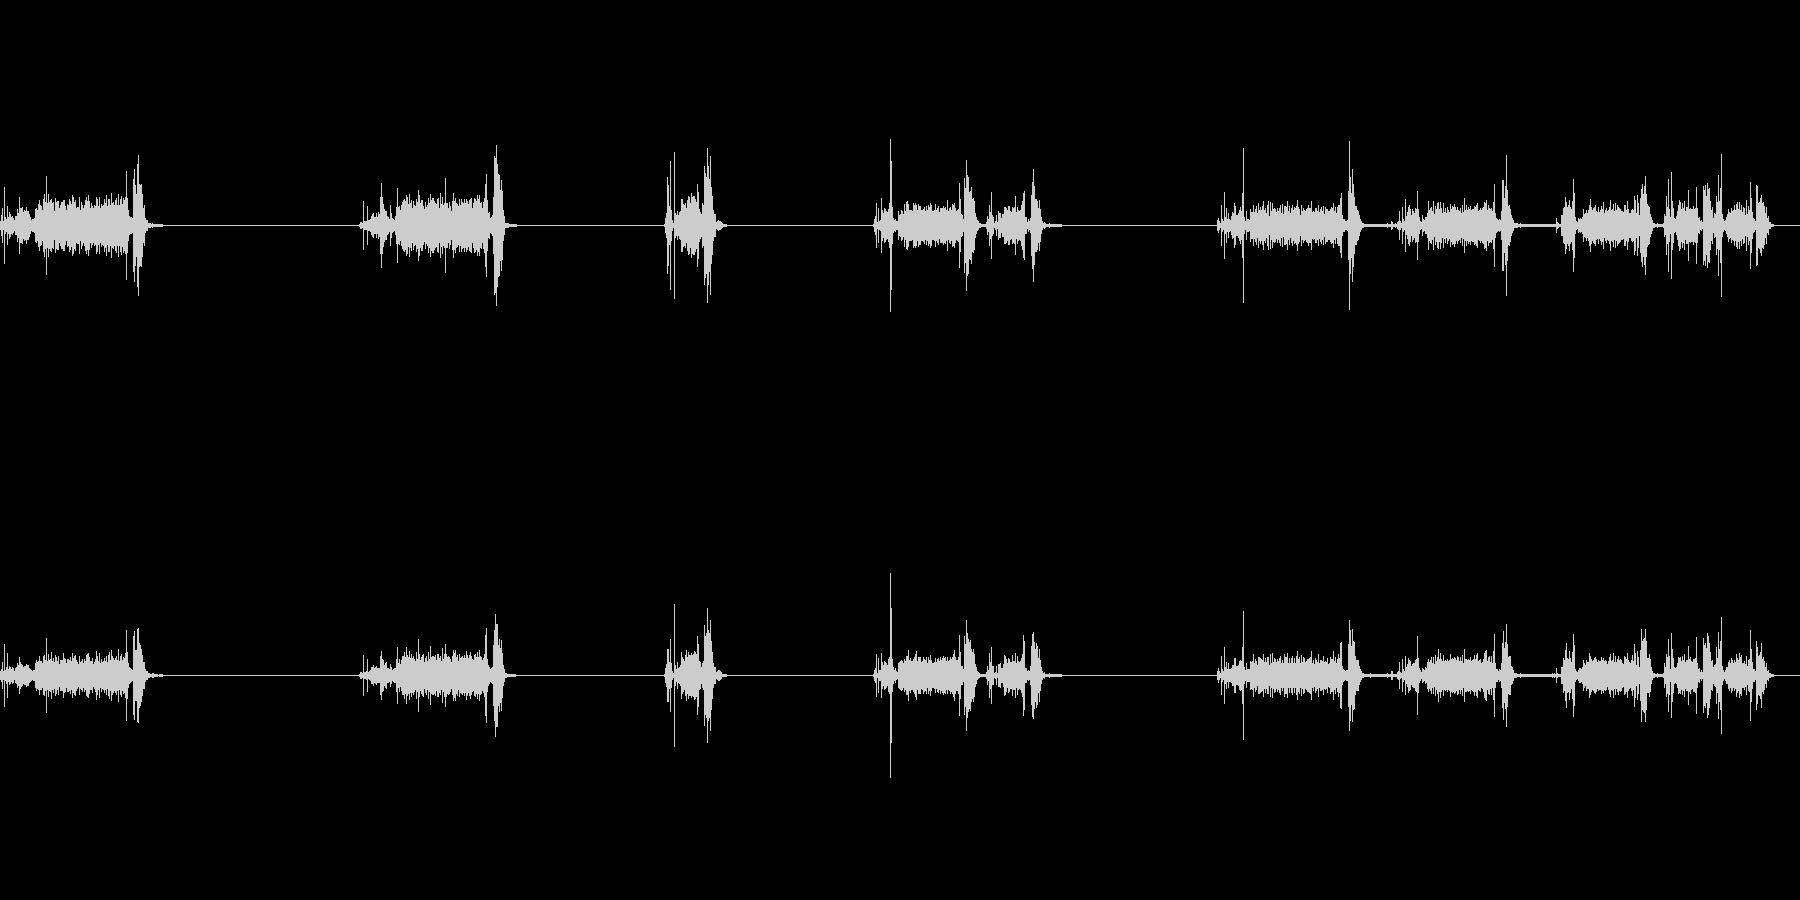 電話、アンティーク、ナンバーディスクx5の未再生の波形